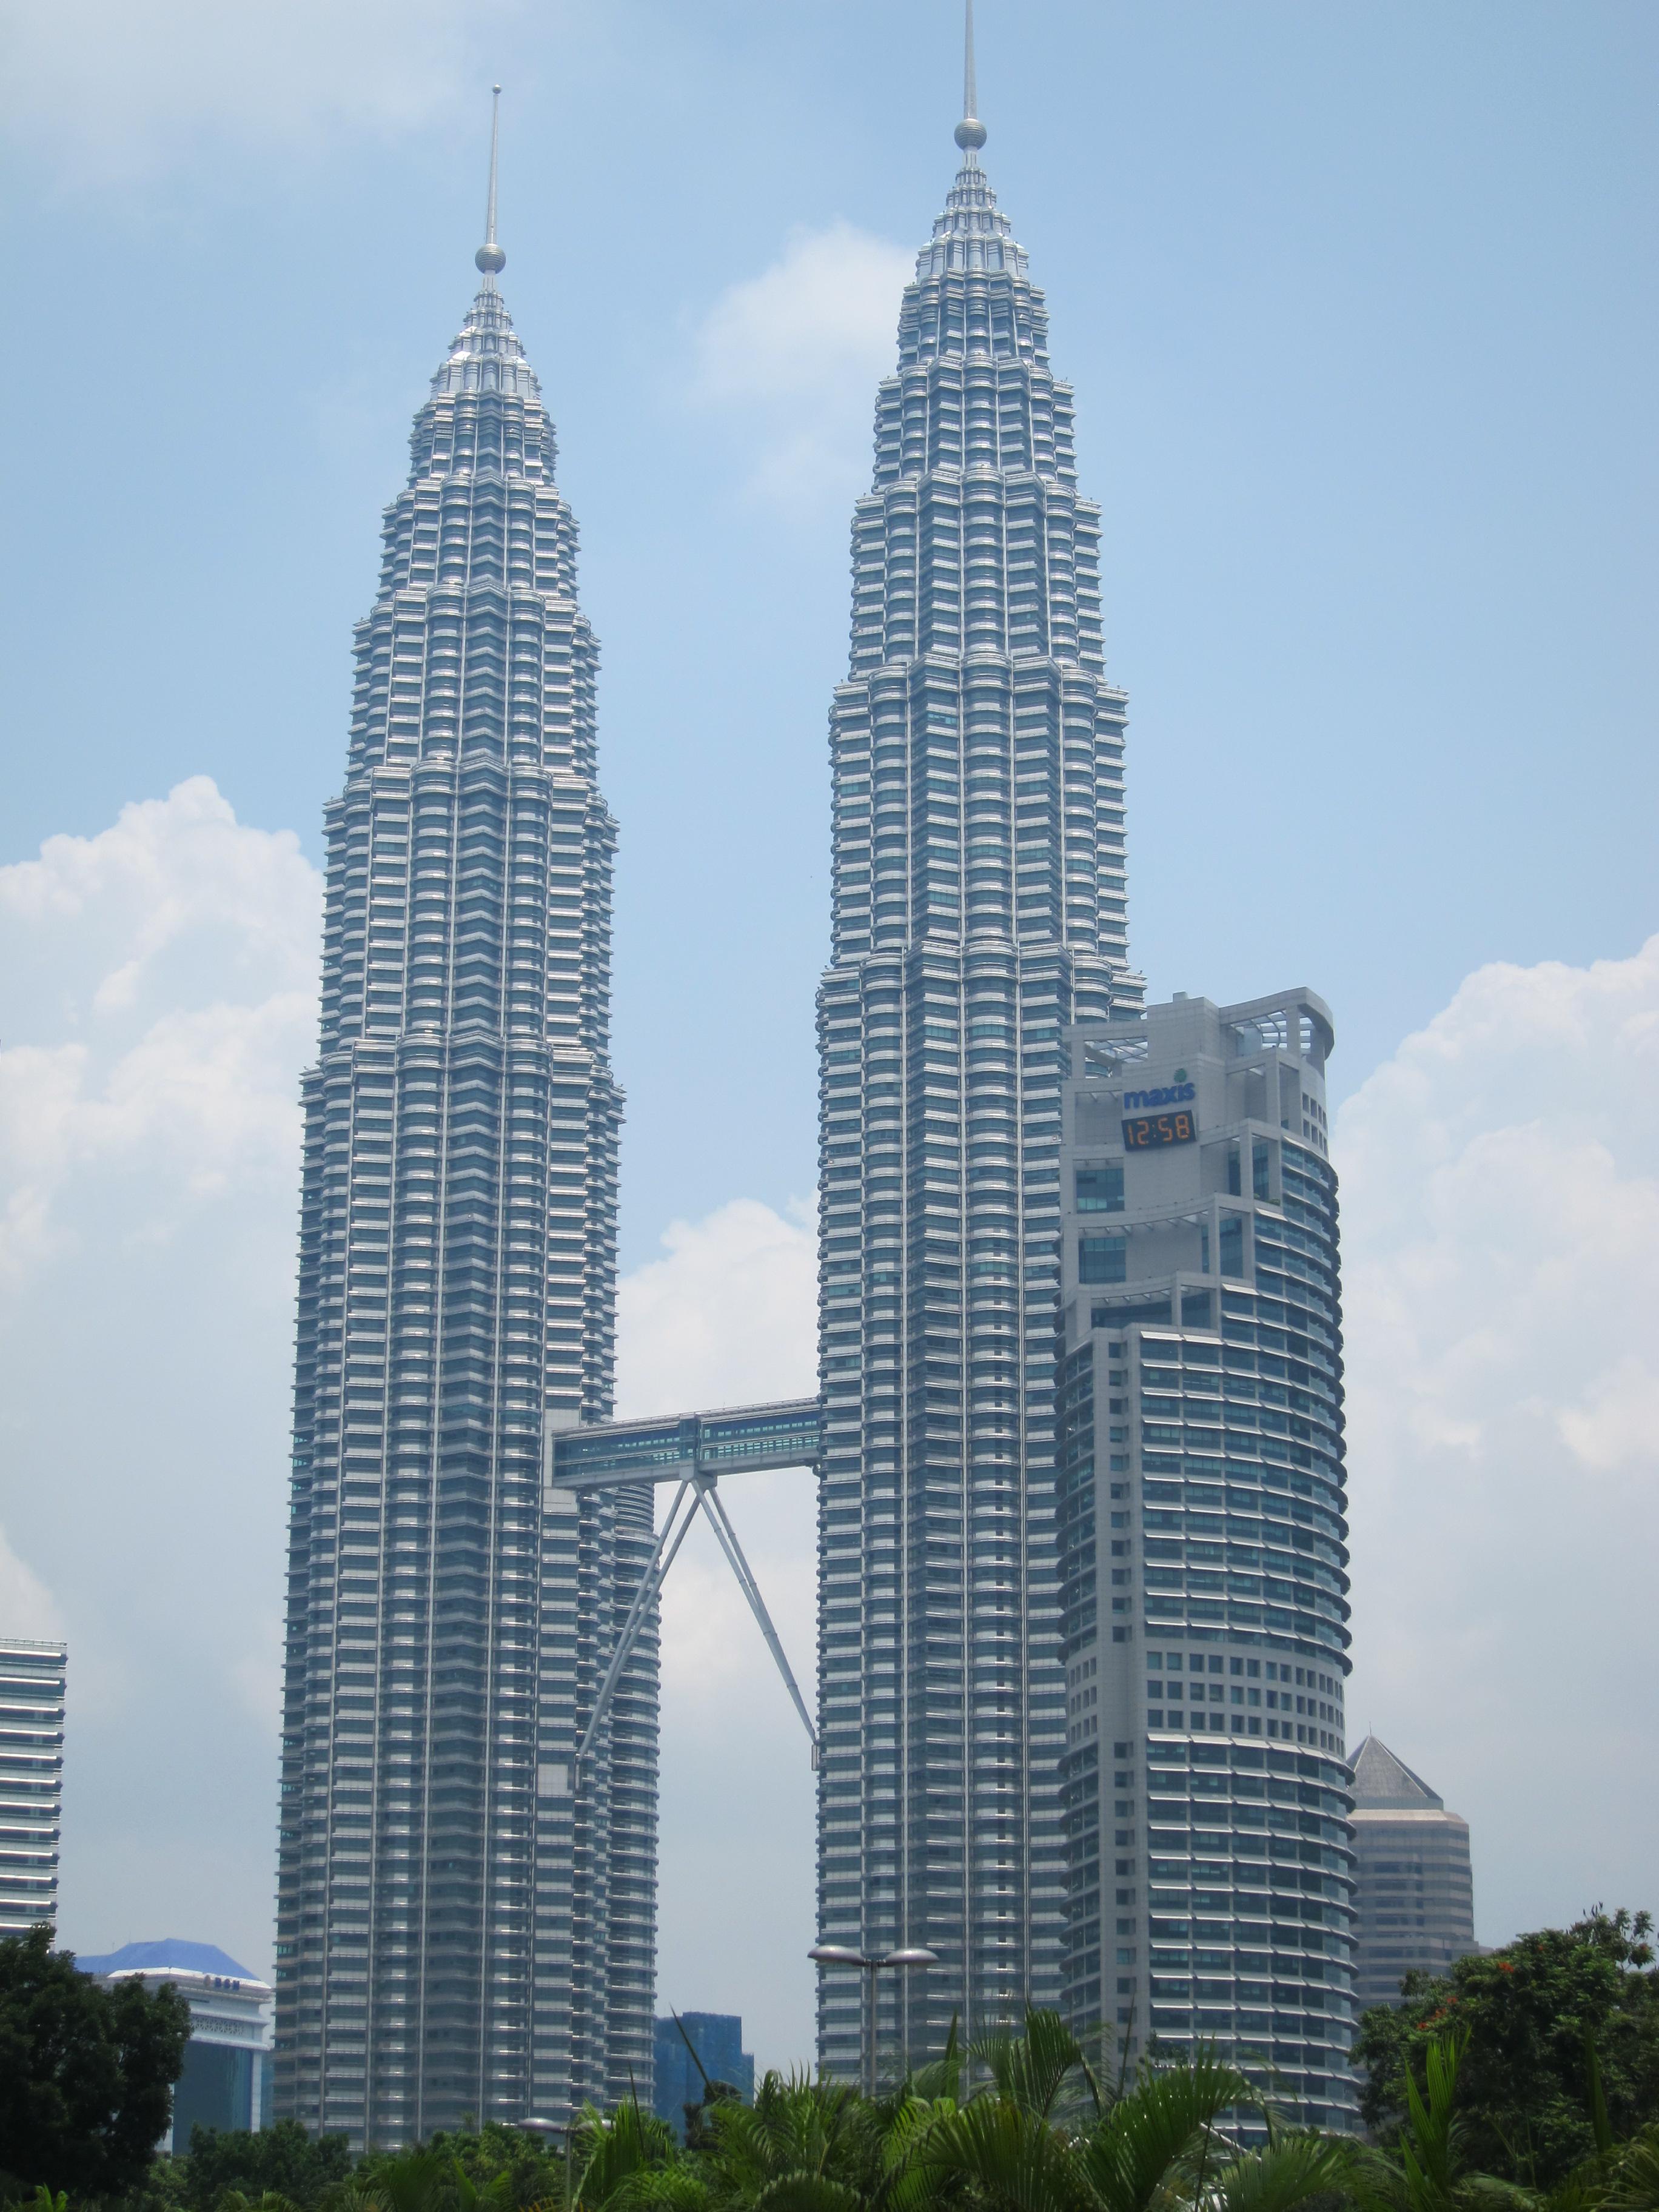 Kuala Lumpur Malaysia Twin Towers And More Judi And